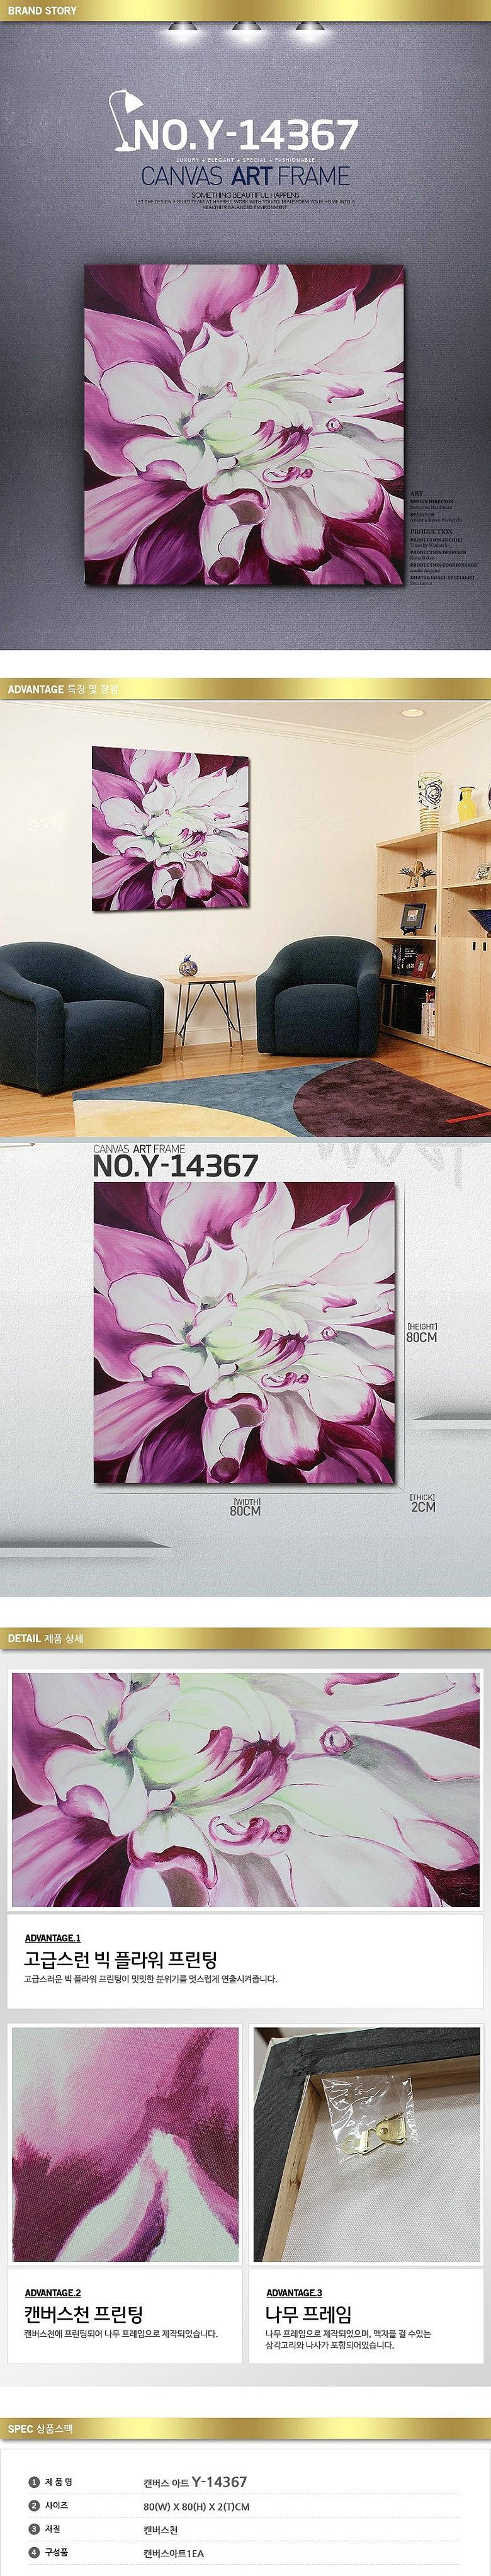 빅 플라워 일러스트 프린팅 캔버스 아트 실내 액자,Big flower illustration interior framed canvas art printing,大花朵图案的内部框架帆布艺术印刷,大きな花柄をプリントするのインナーフレームキャンバスアート